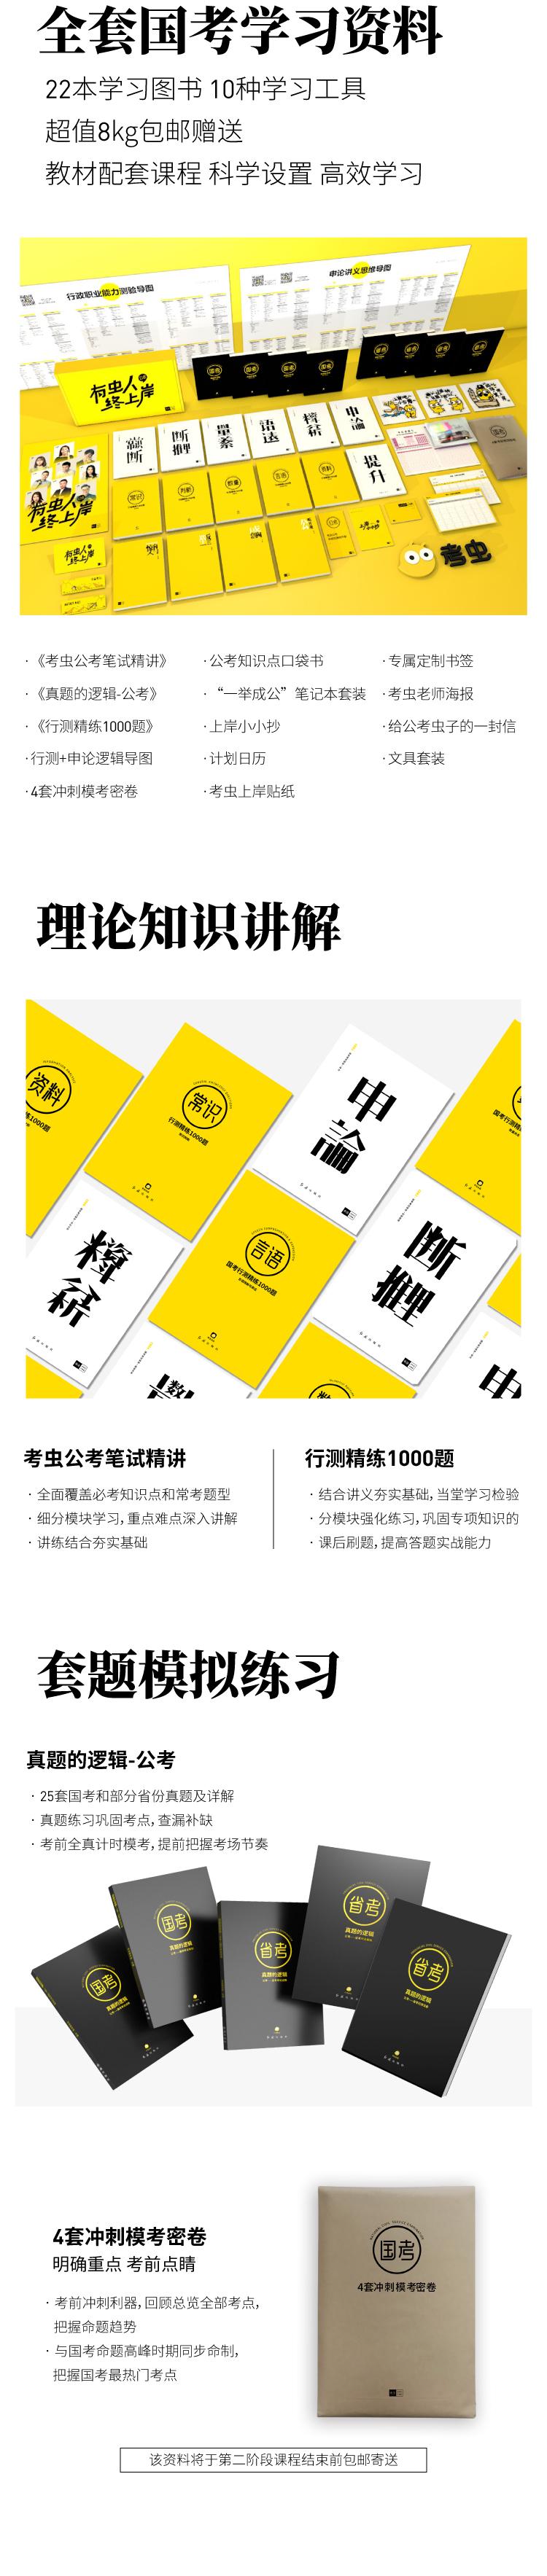 國考詳情頁2-100.jpg